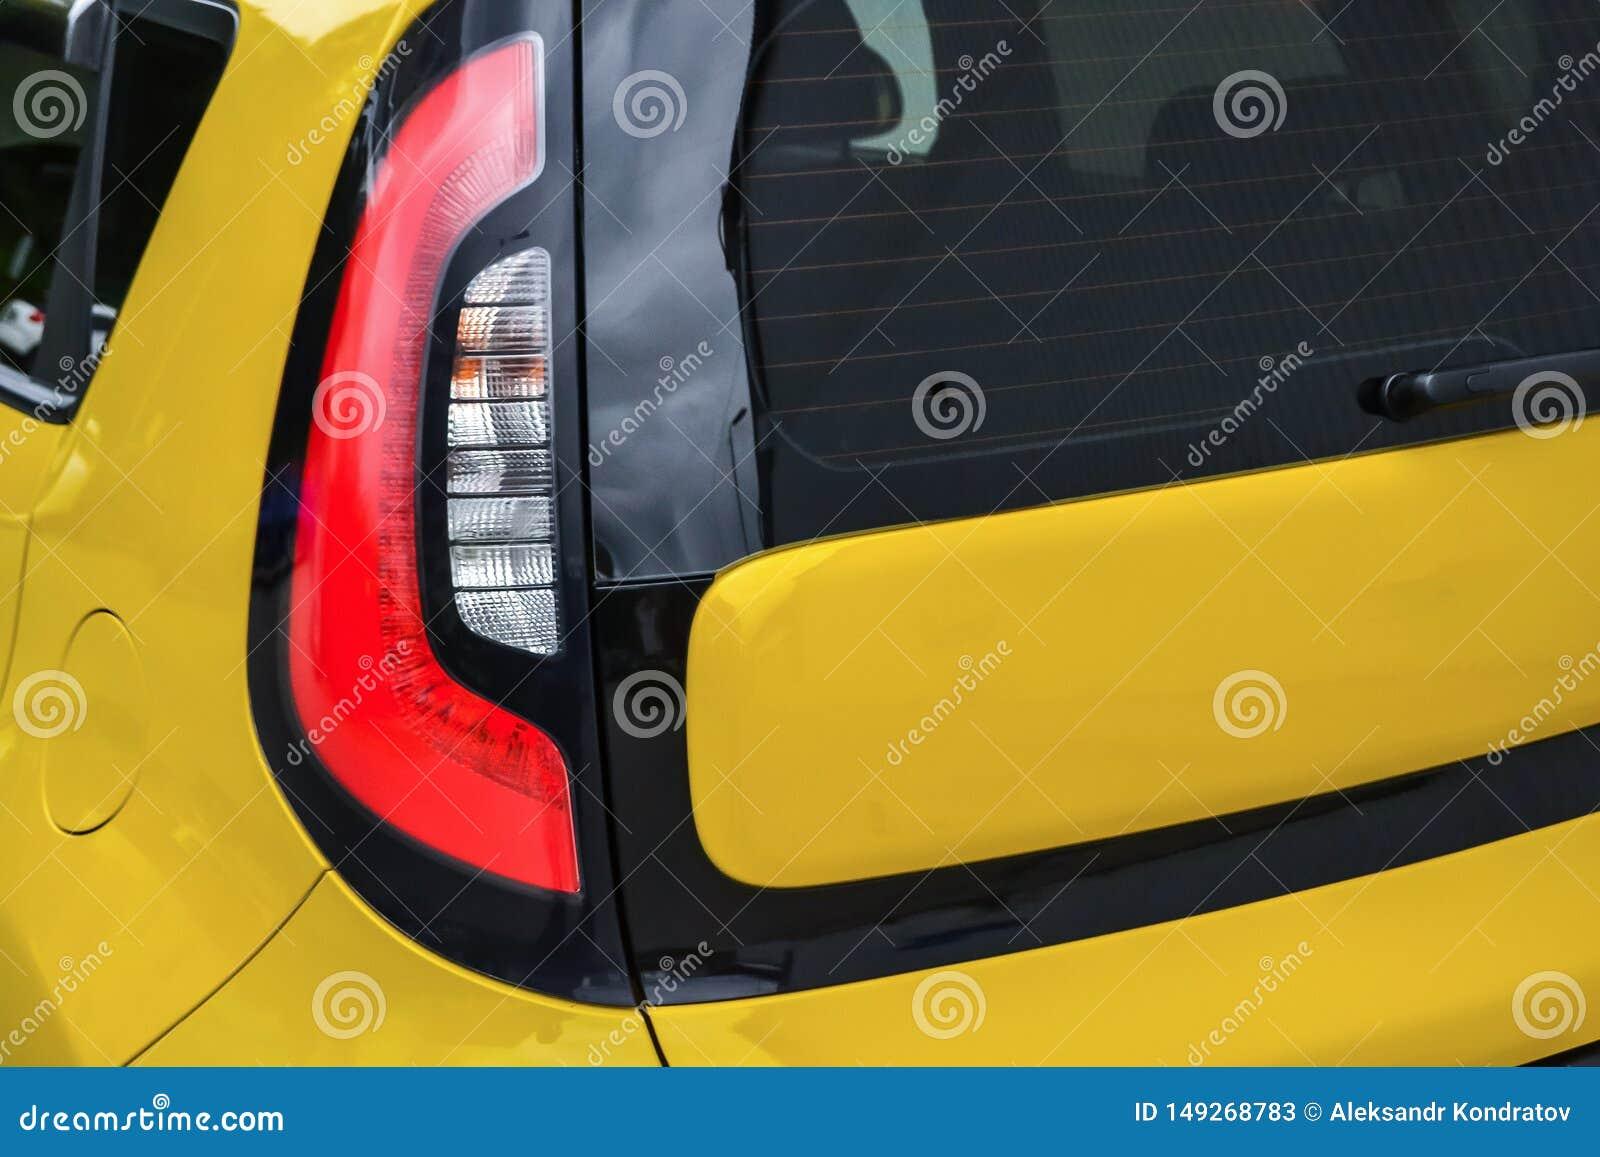 Hintere R?cklichtansicht des Gebrauchtwagens in der gelben Farbe nachdem dem S?ubern vor dem Verkauf inday